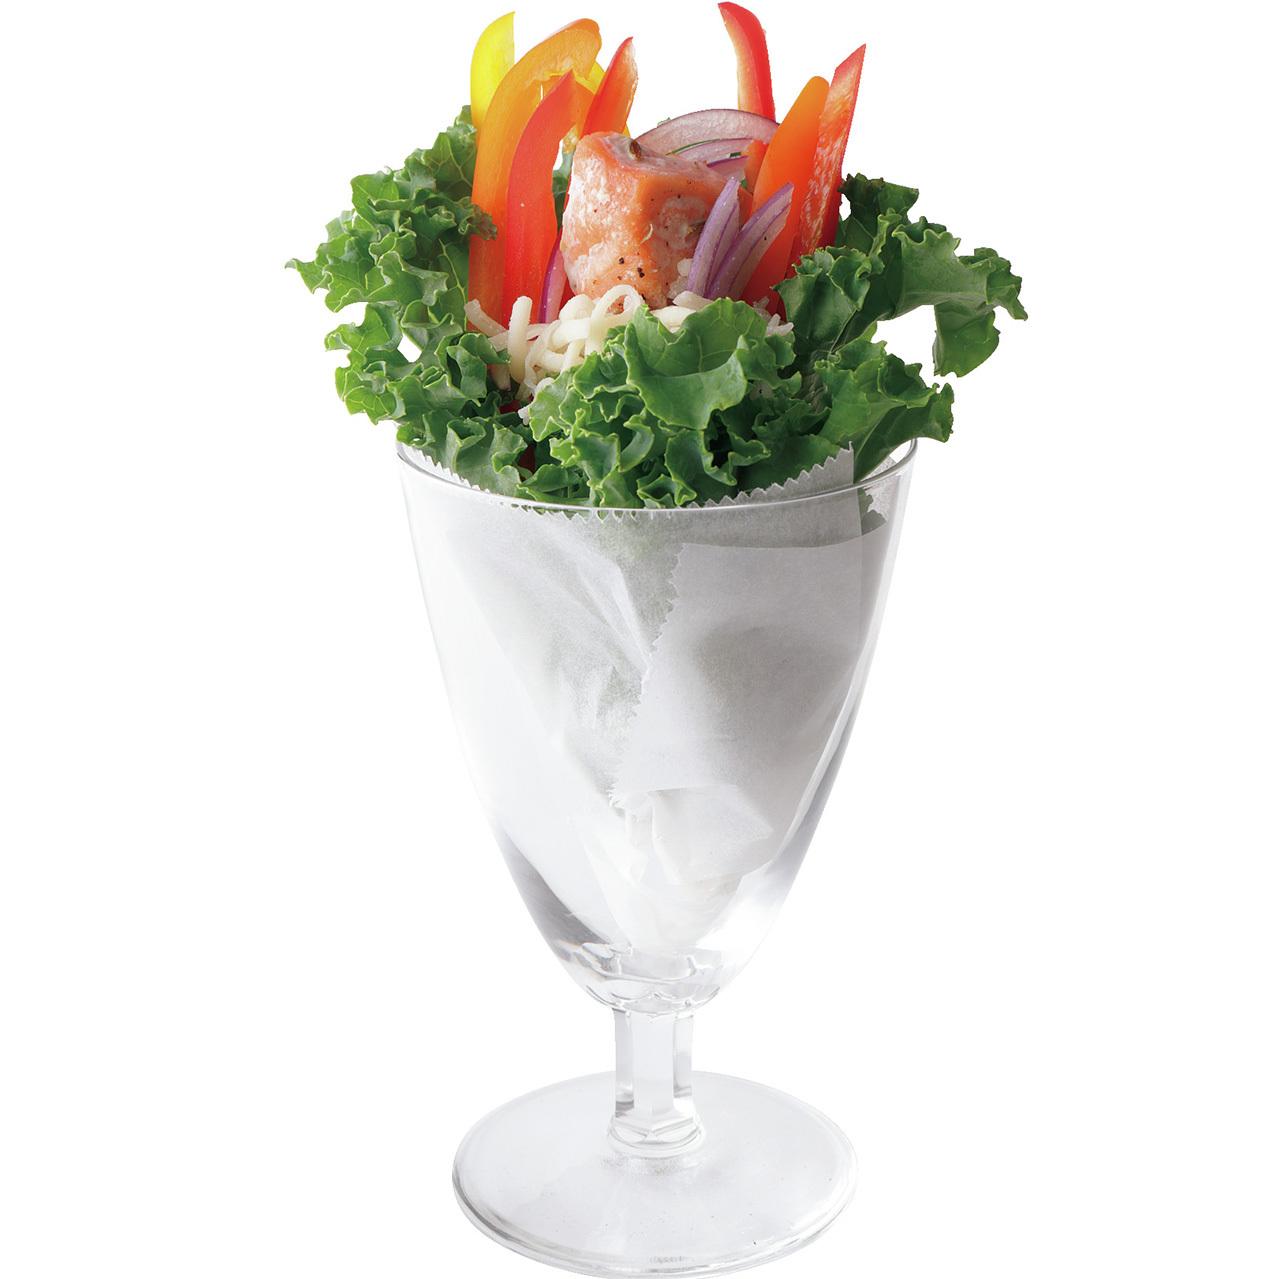 思いきり食べて盛り上がろう! サルボ恭子の「優雅な低糖質レシピ」  五選_1_1-4